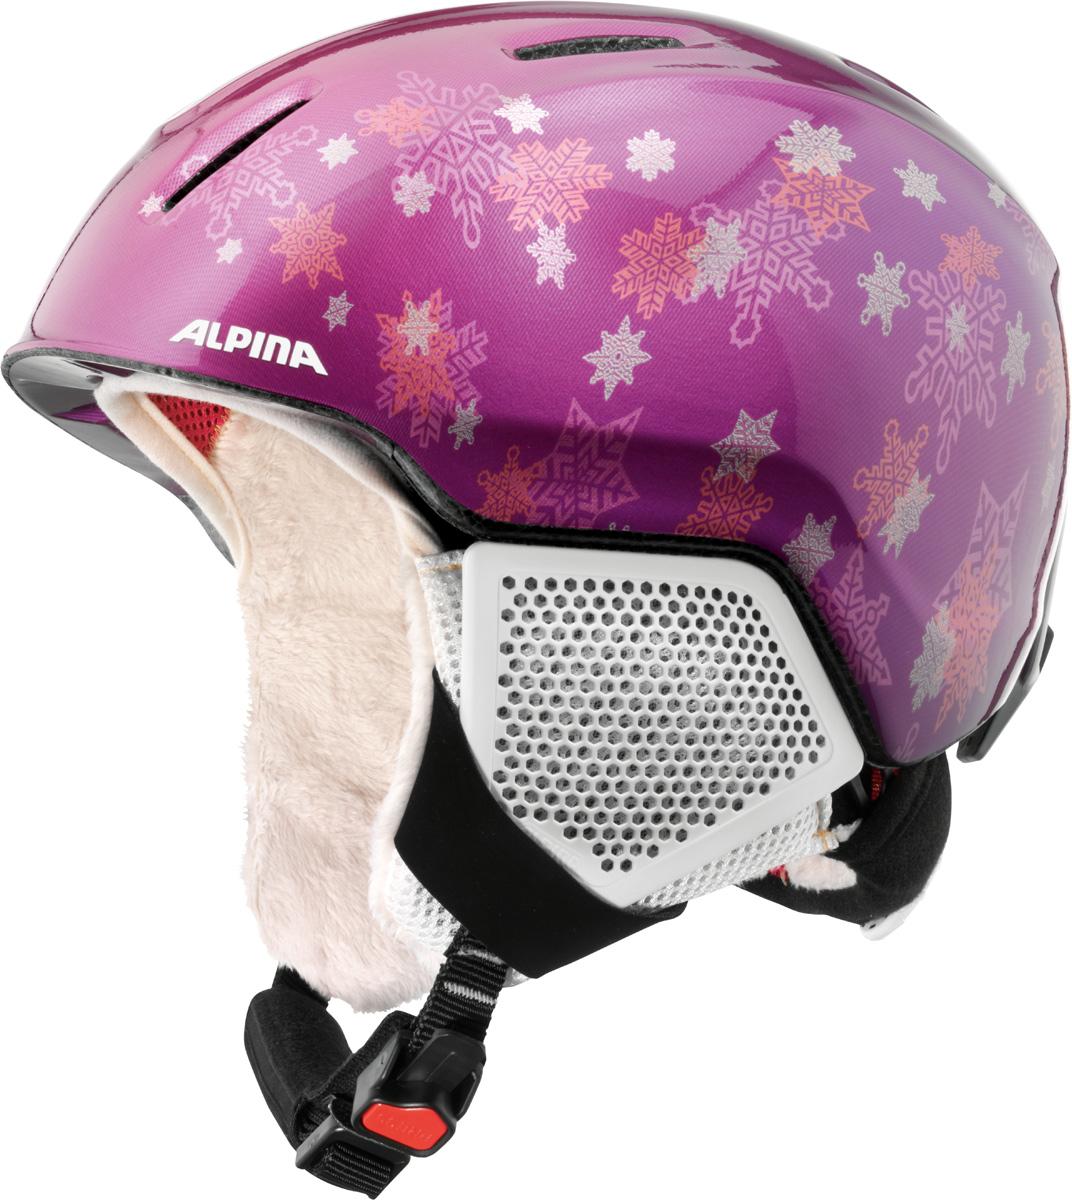 Шлем горнолыжный детский Alpina Carat LX, цвет: фиолетовый. A9081_52. Размер 51-55A9081_52Серия детских и подростковых шлемов Carat пополнилась моделью LX. Главным нововведением стало использование перфорации в жёстких наушниках, которые по-прежнему обеспечивают высокую степень защиты, но при этом позволяют слышать всё вокруг.• Вентиляционные отверстия препятствуют перегреву и позволяют поддерживать идеальную температуру внутри шлема. Для этого инженеры Alpina используют эффект Вентури, чтобы сделать циркуляцию воздуха постоянной и максимально эффективной.• Внутренник шлема легко вынимается, стирается, сушится и вставляется обратно.• Из задней части шлема можно достать шейный утеплитель из мякого микро-флиса. Этот теплый воротник также защищает шею от ударов на высокой скорости и при сибирских морозах. В удобной конструкции отсутствуют точки давления на шею.• Прочная и лёгкая конструкция In-mold. Тонкая и прочная поликарбонатная оболочка под воздействием высокой температуры и давления буквально сплавляется с гранулами EPS, которые гасят ударную нагрузку.• Внутренная оболочка каждого шлема Alpina состоит из гранул HI-EPS (сильно вспененного полистирола). Микроскопические воздушные карманы эффективно поглощают ударную нагрузку и обеспечивают высокую теплоизоляцию. Эта технология позволяет достичь минимальной толщины оболочки. А так как гранулы HI-EPS не впитывают влагу, их защитный эффект не ослабевает со временем.• Удобная и точная система регулировки Run System Ergo Snow позволяет быстро и комфортно подогнать шлем по голове, без создания отдельных точек избыточного давления.• Y-образный ремнераспределитель двух ремешков находится под ухом и обеспечивает быструю и точную посадку шлема на голове.• Вместо фастекса на ремешке используется красная кнопка с автоматическим запирающим механизмом, которую легко использовать даже в лыжных перчатках. Механизм защищён от произвольного раскрытия при падении.